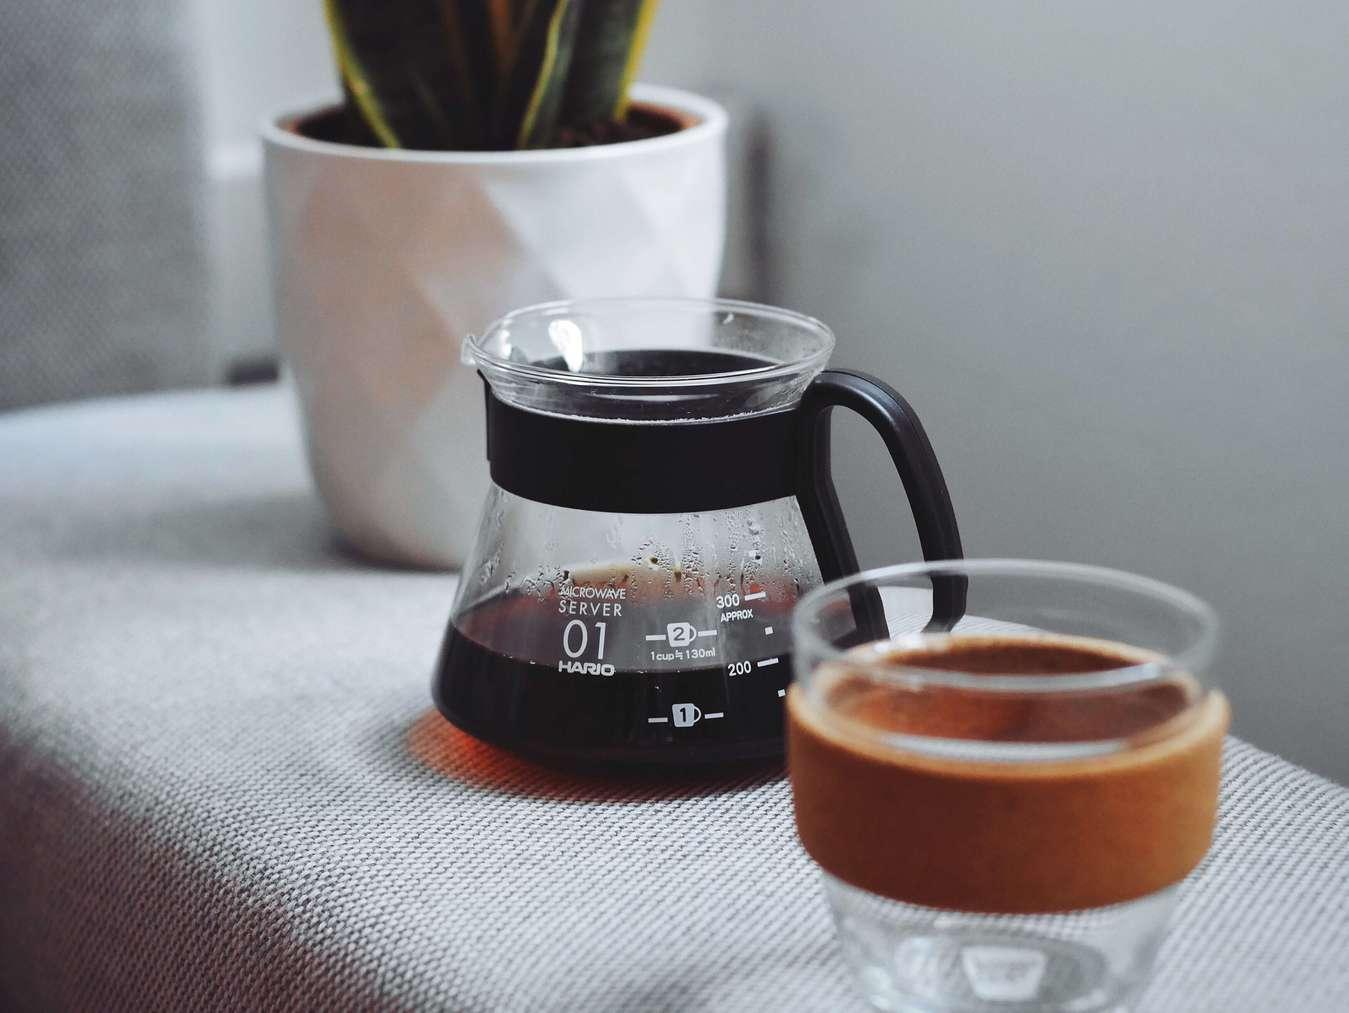 Herbruikbare koffiepot